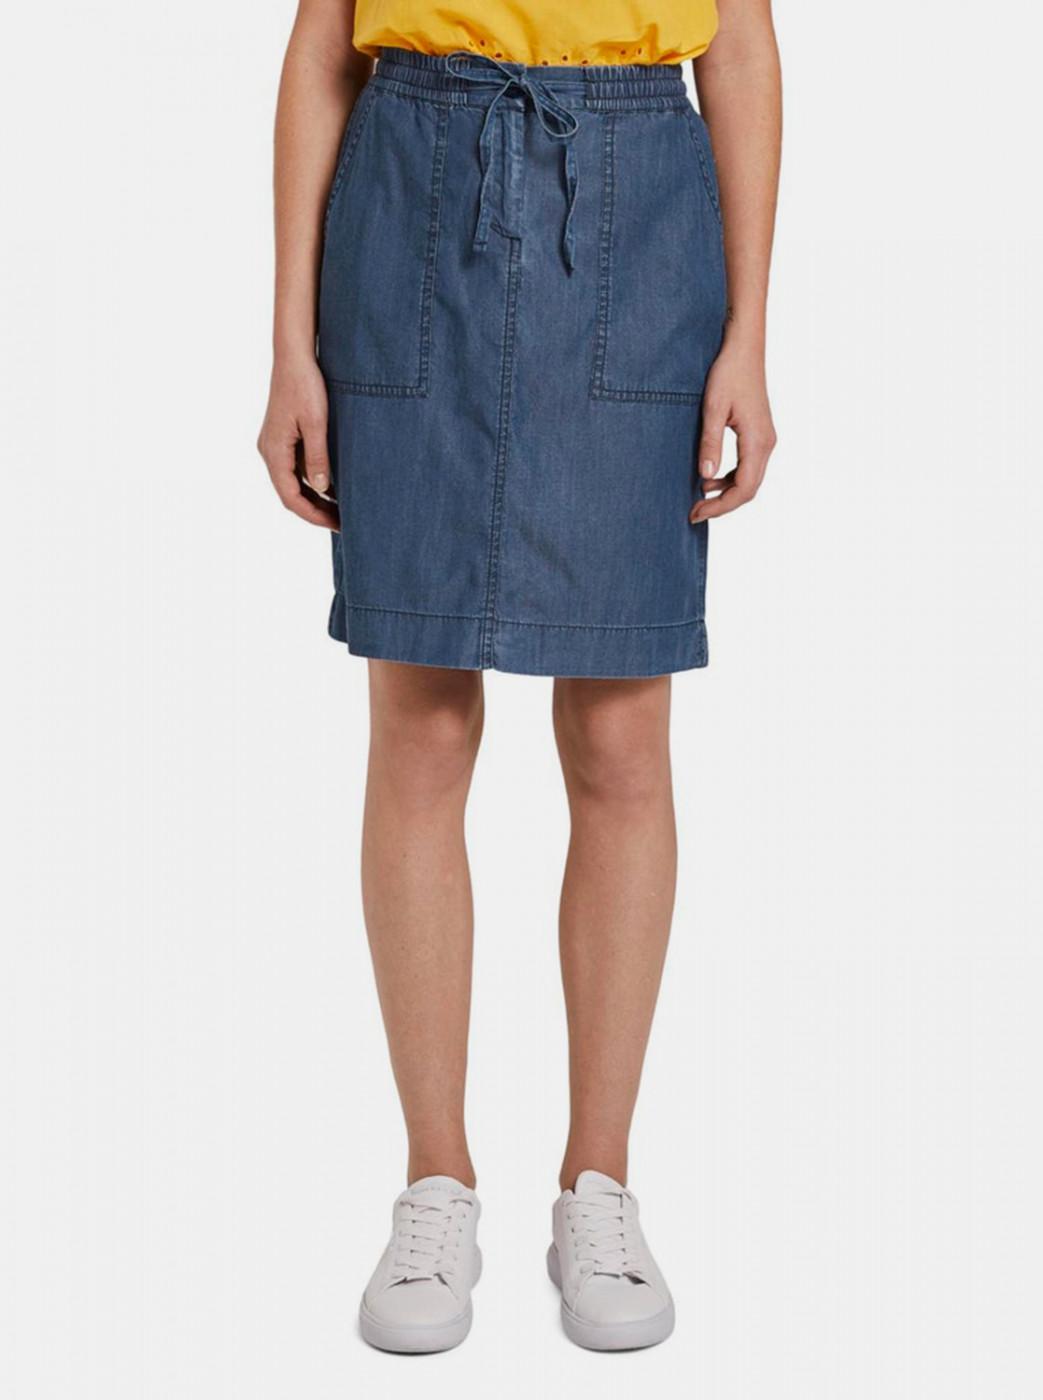 Tom Tailor Blue Women's Denim Skirt